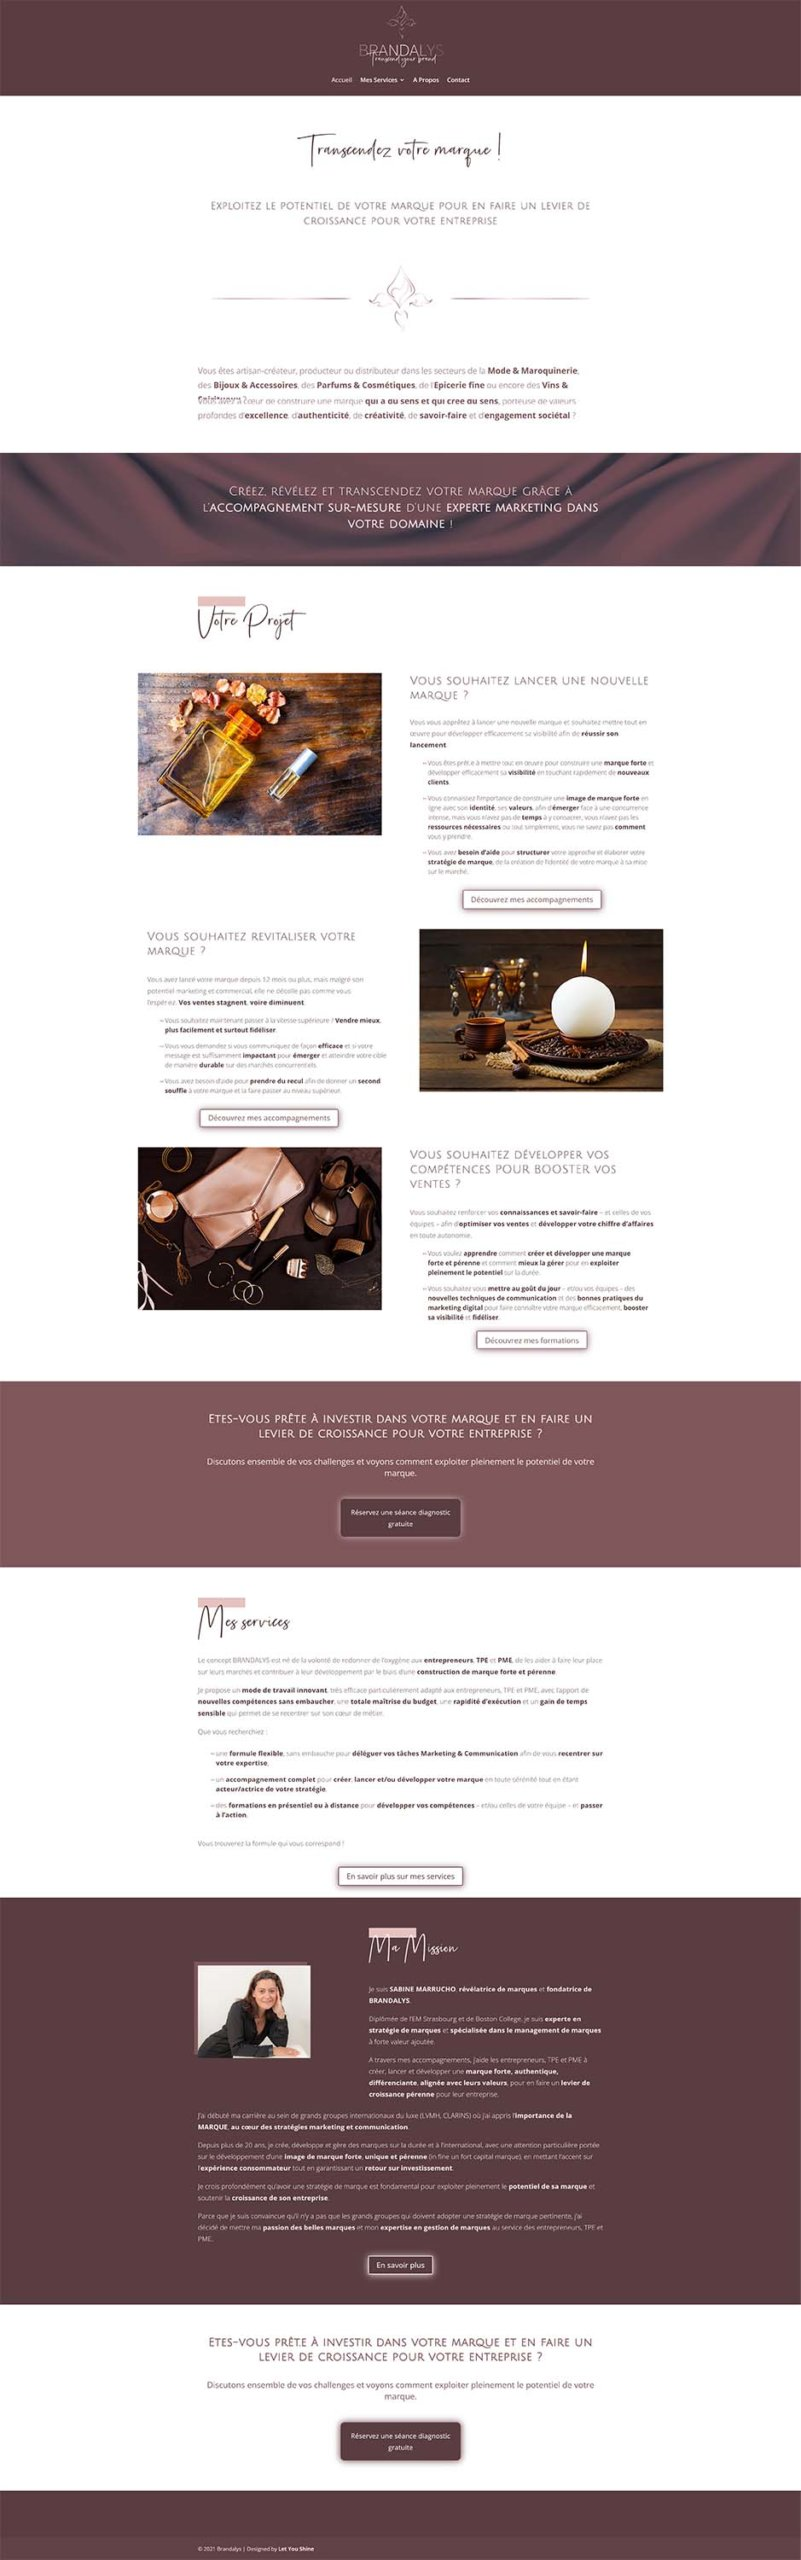 Brandalys - page site web - révélation d'univers de marque par Virginie Gruber - Let You Shine - graphiste et webdesigner intuitive